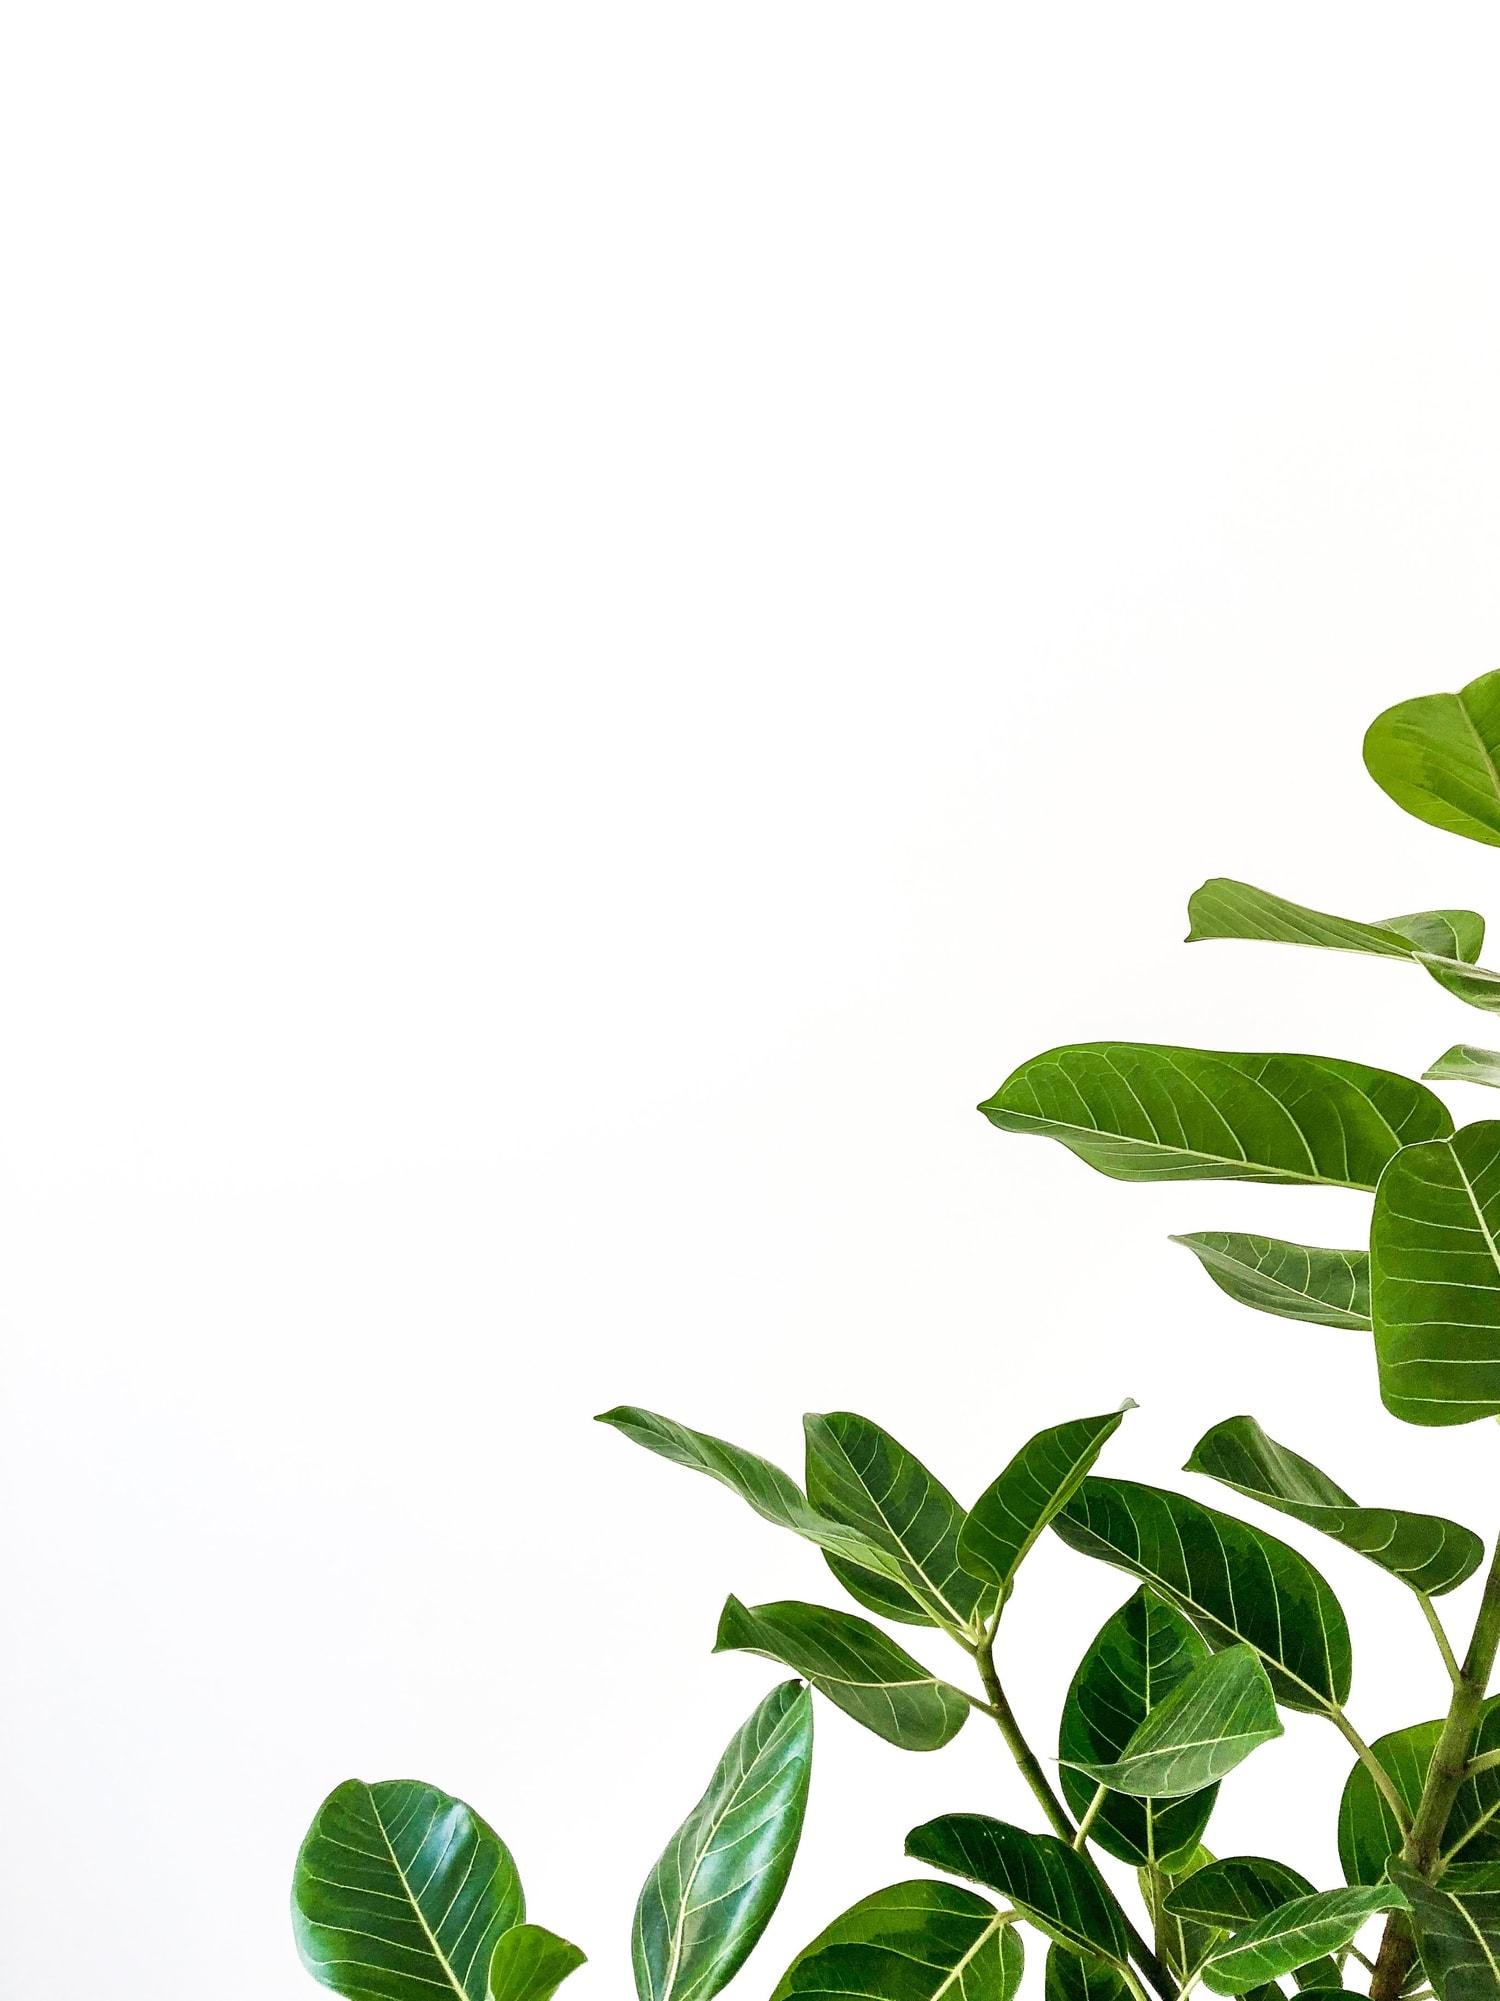 Planta con fondo blanco